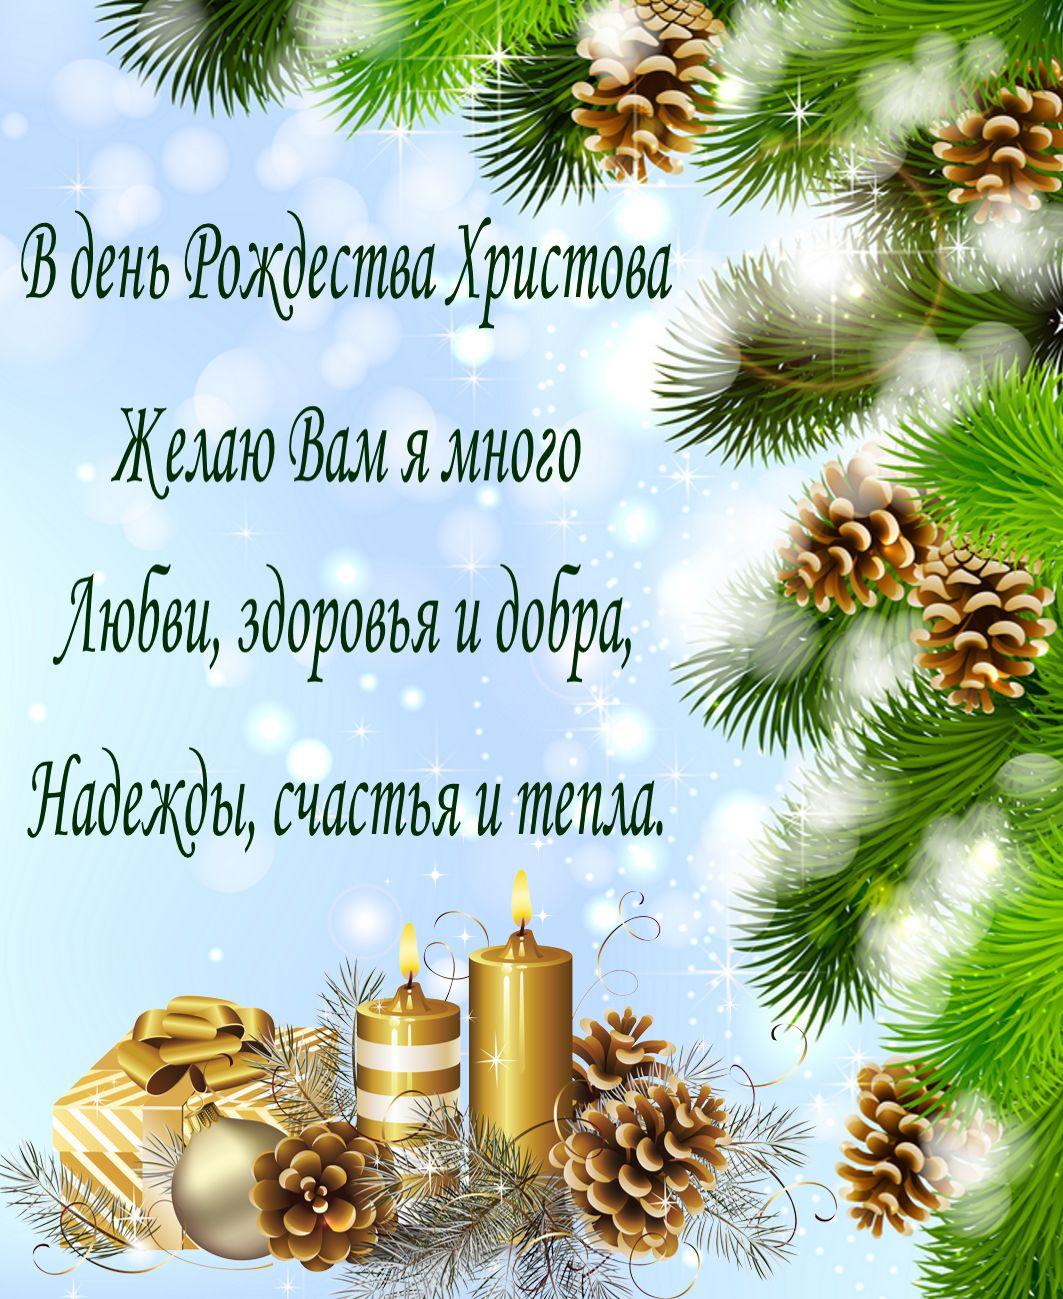 krasivye-otkrytki-kartinki-s-rozhdestvom-hristovym-chast-1-aya-14.jpg